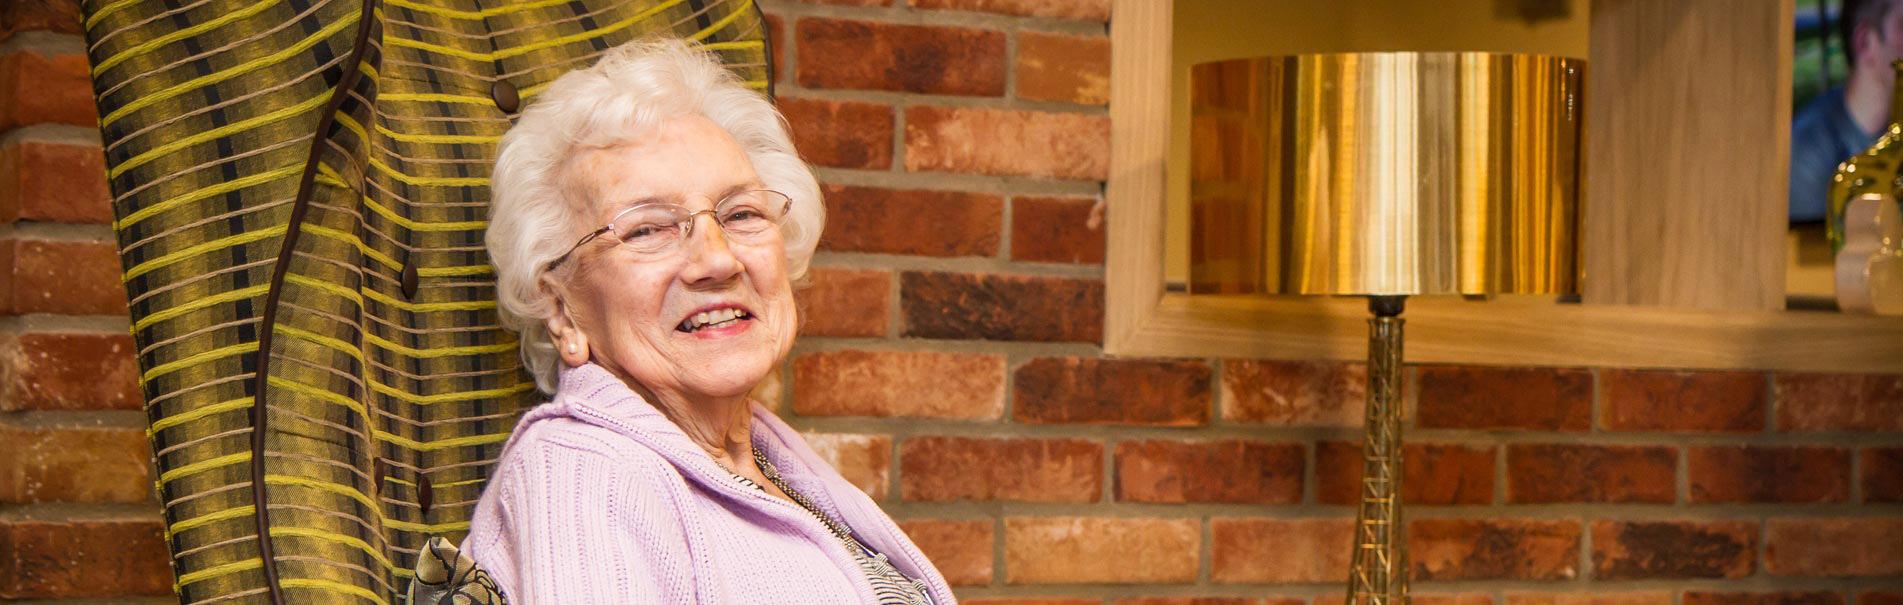 ویژگی های مجهزترین خانه سالمندان (بخش اول)